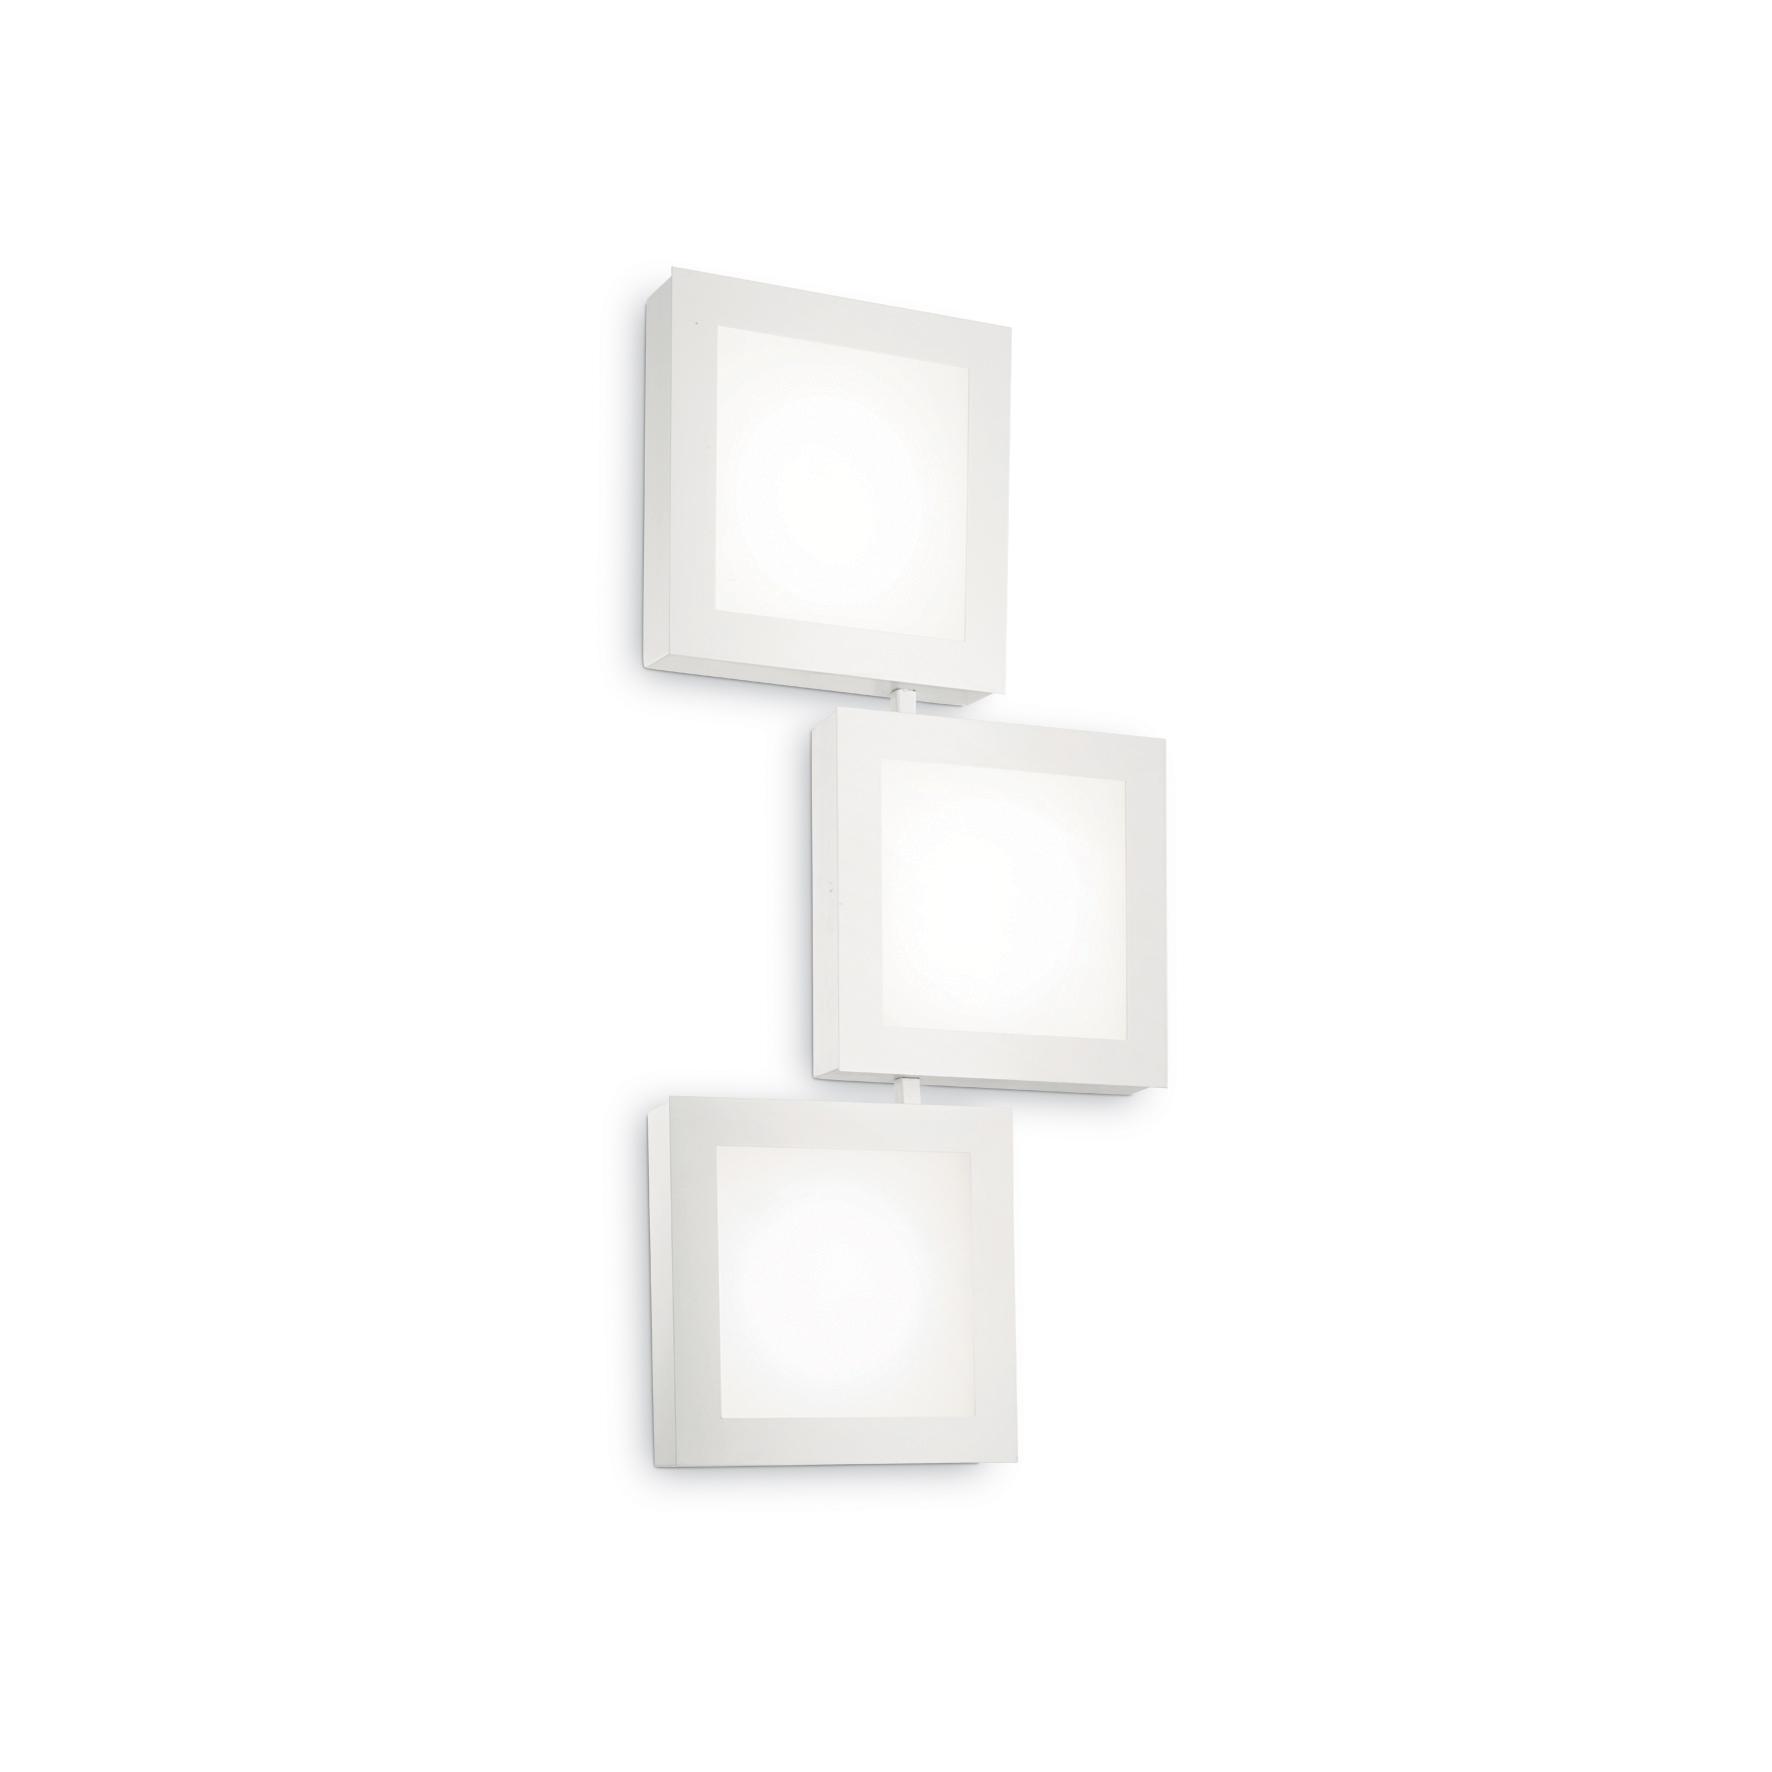 Aplica Union Square AP3 White